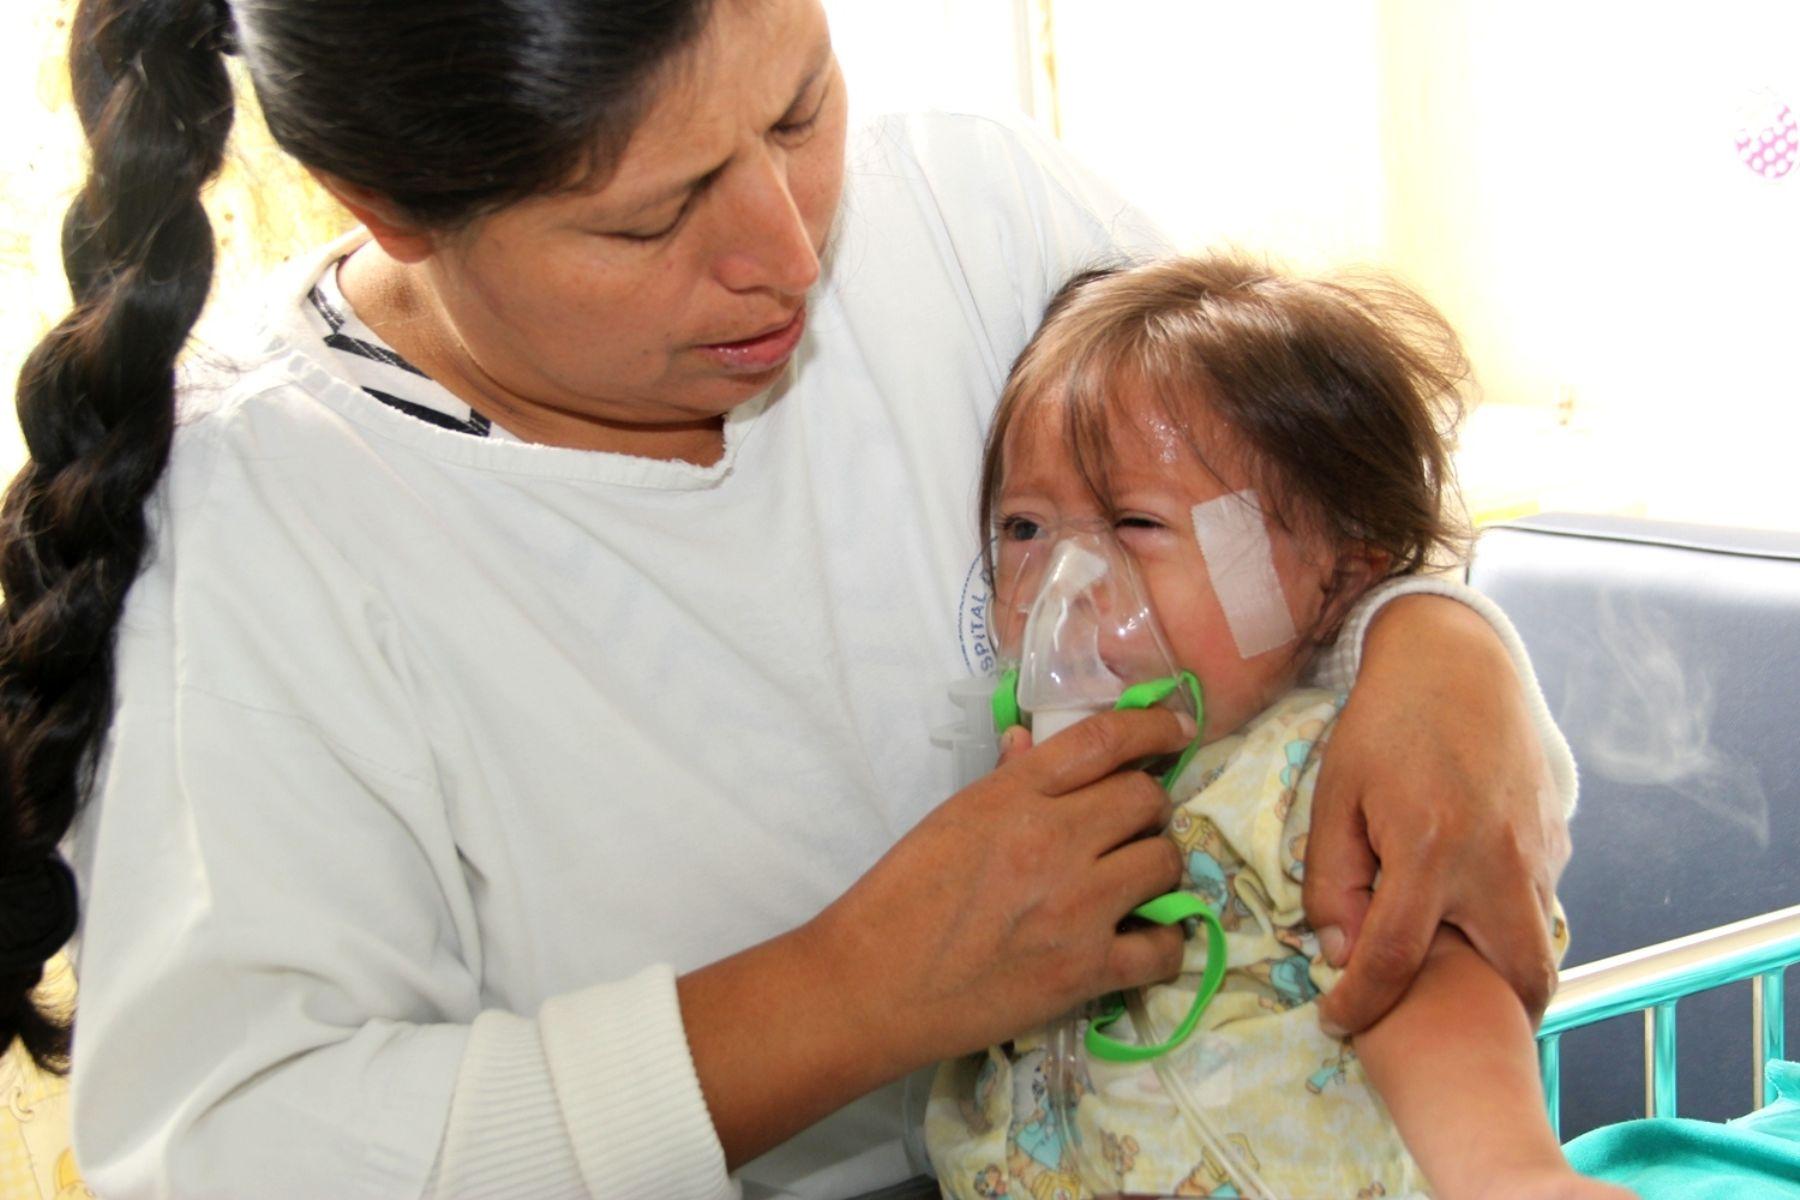 Navidad: ¿sabes cómo actuar frente a una emergencia pediátrica?